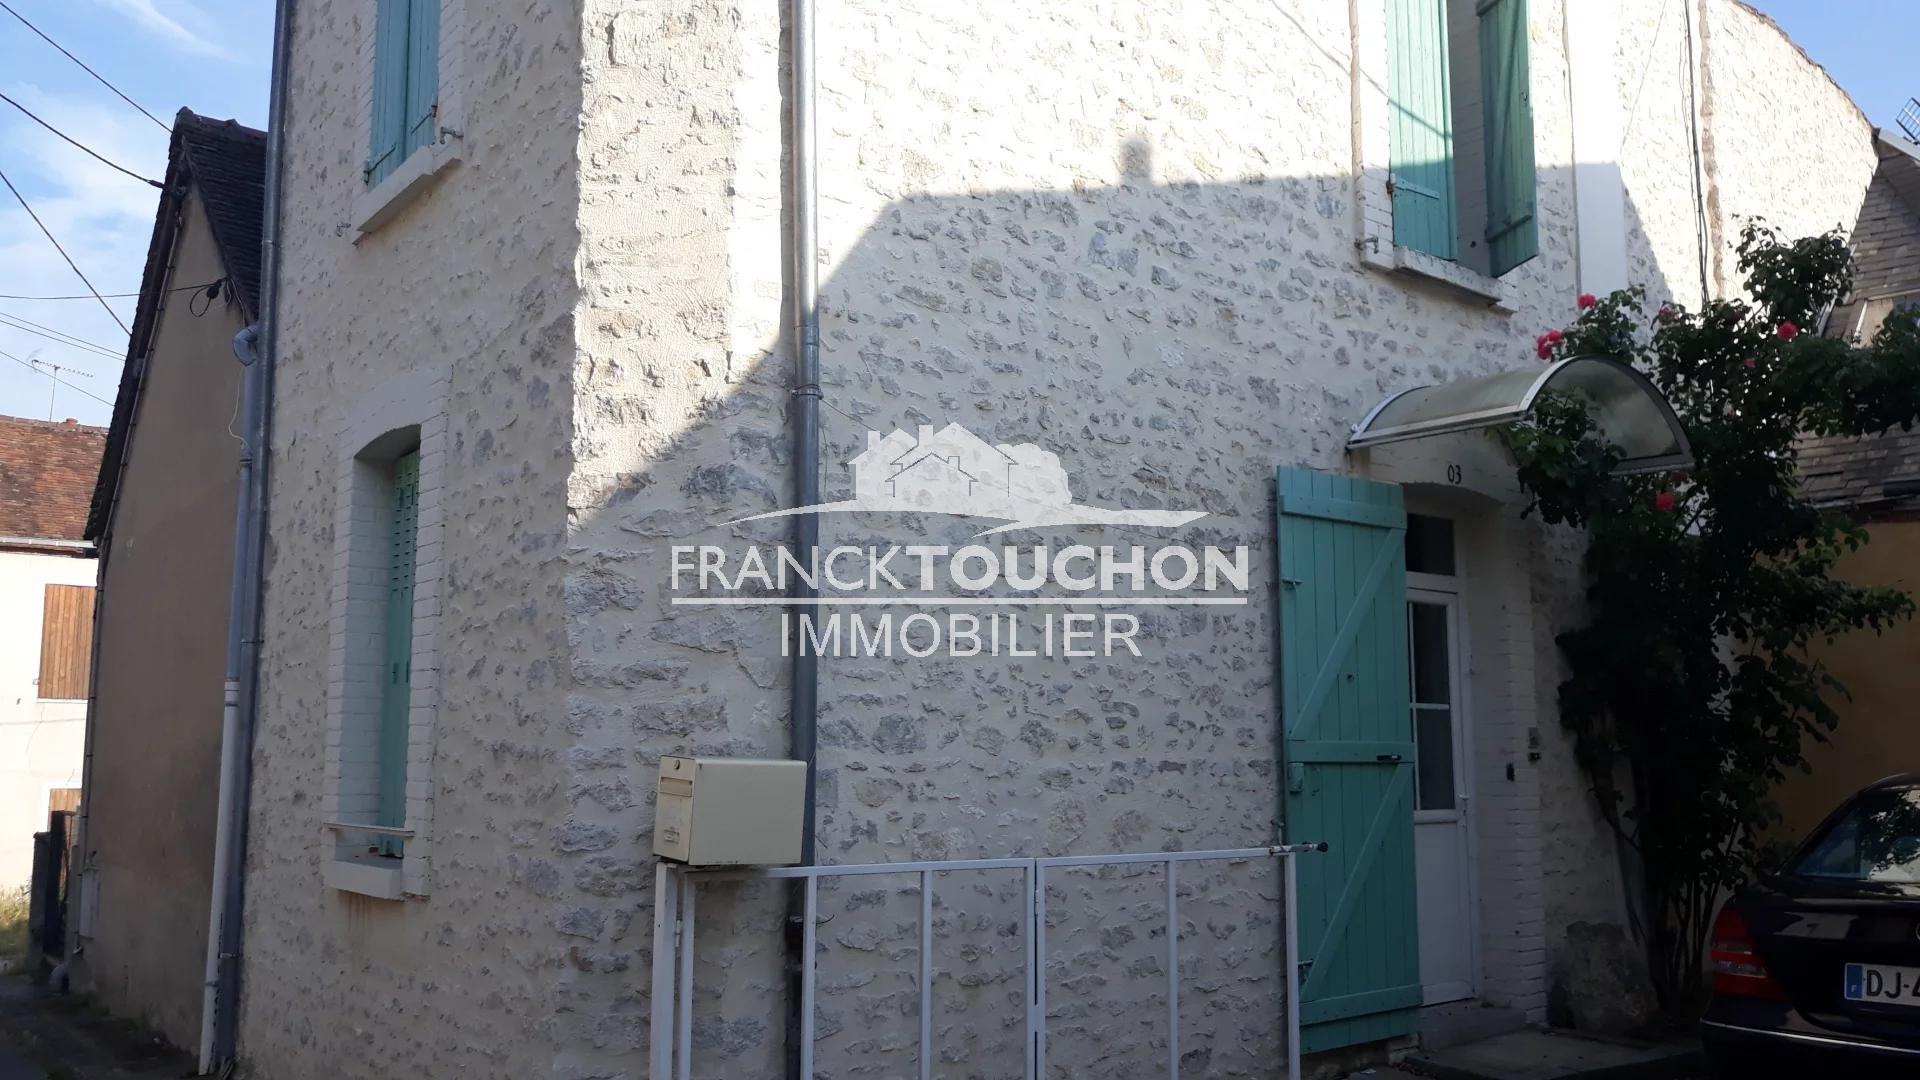 Maison de ville - centre de MONTARGIS (45200) commodités à pieds - GARE SNCF à 5 min